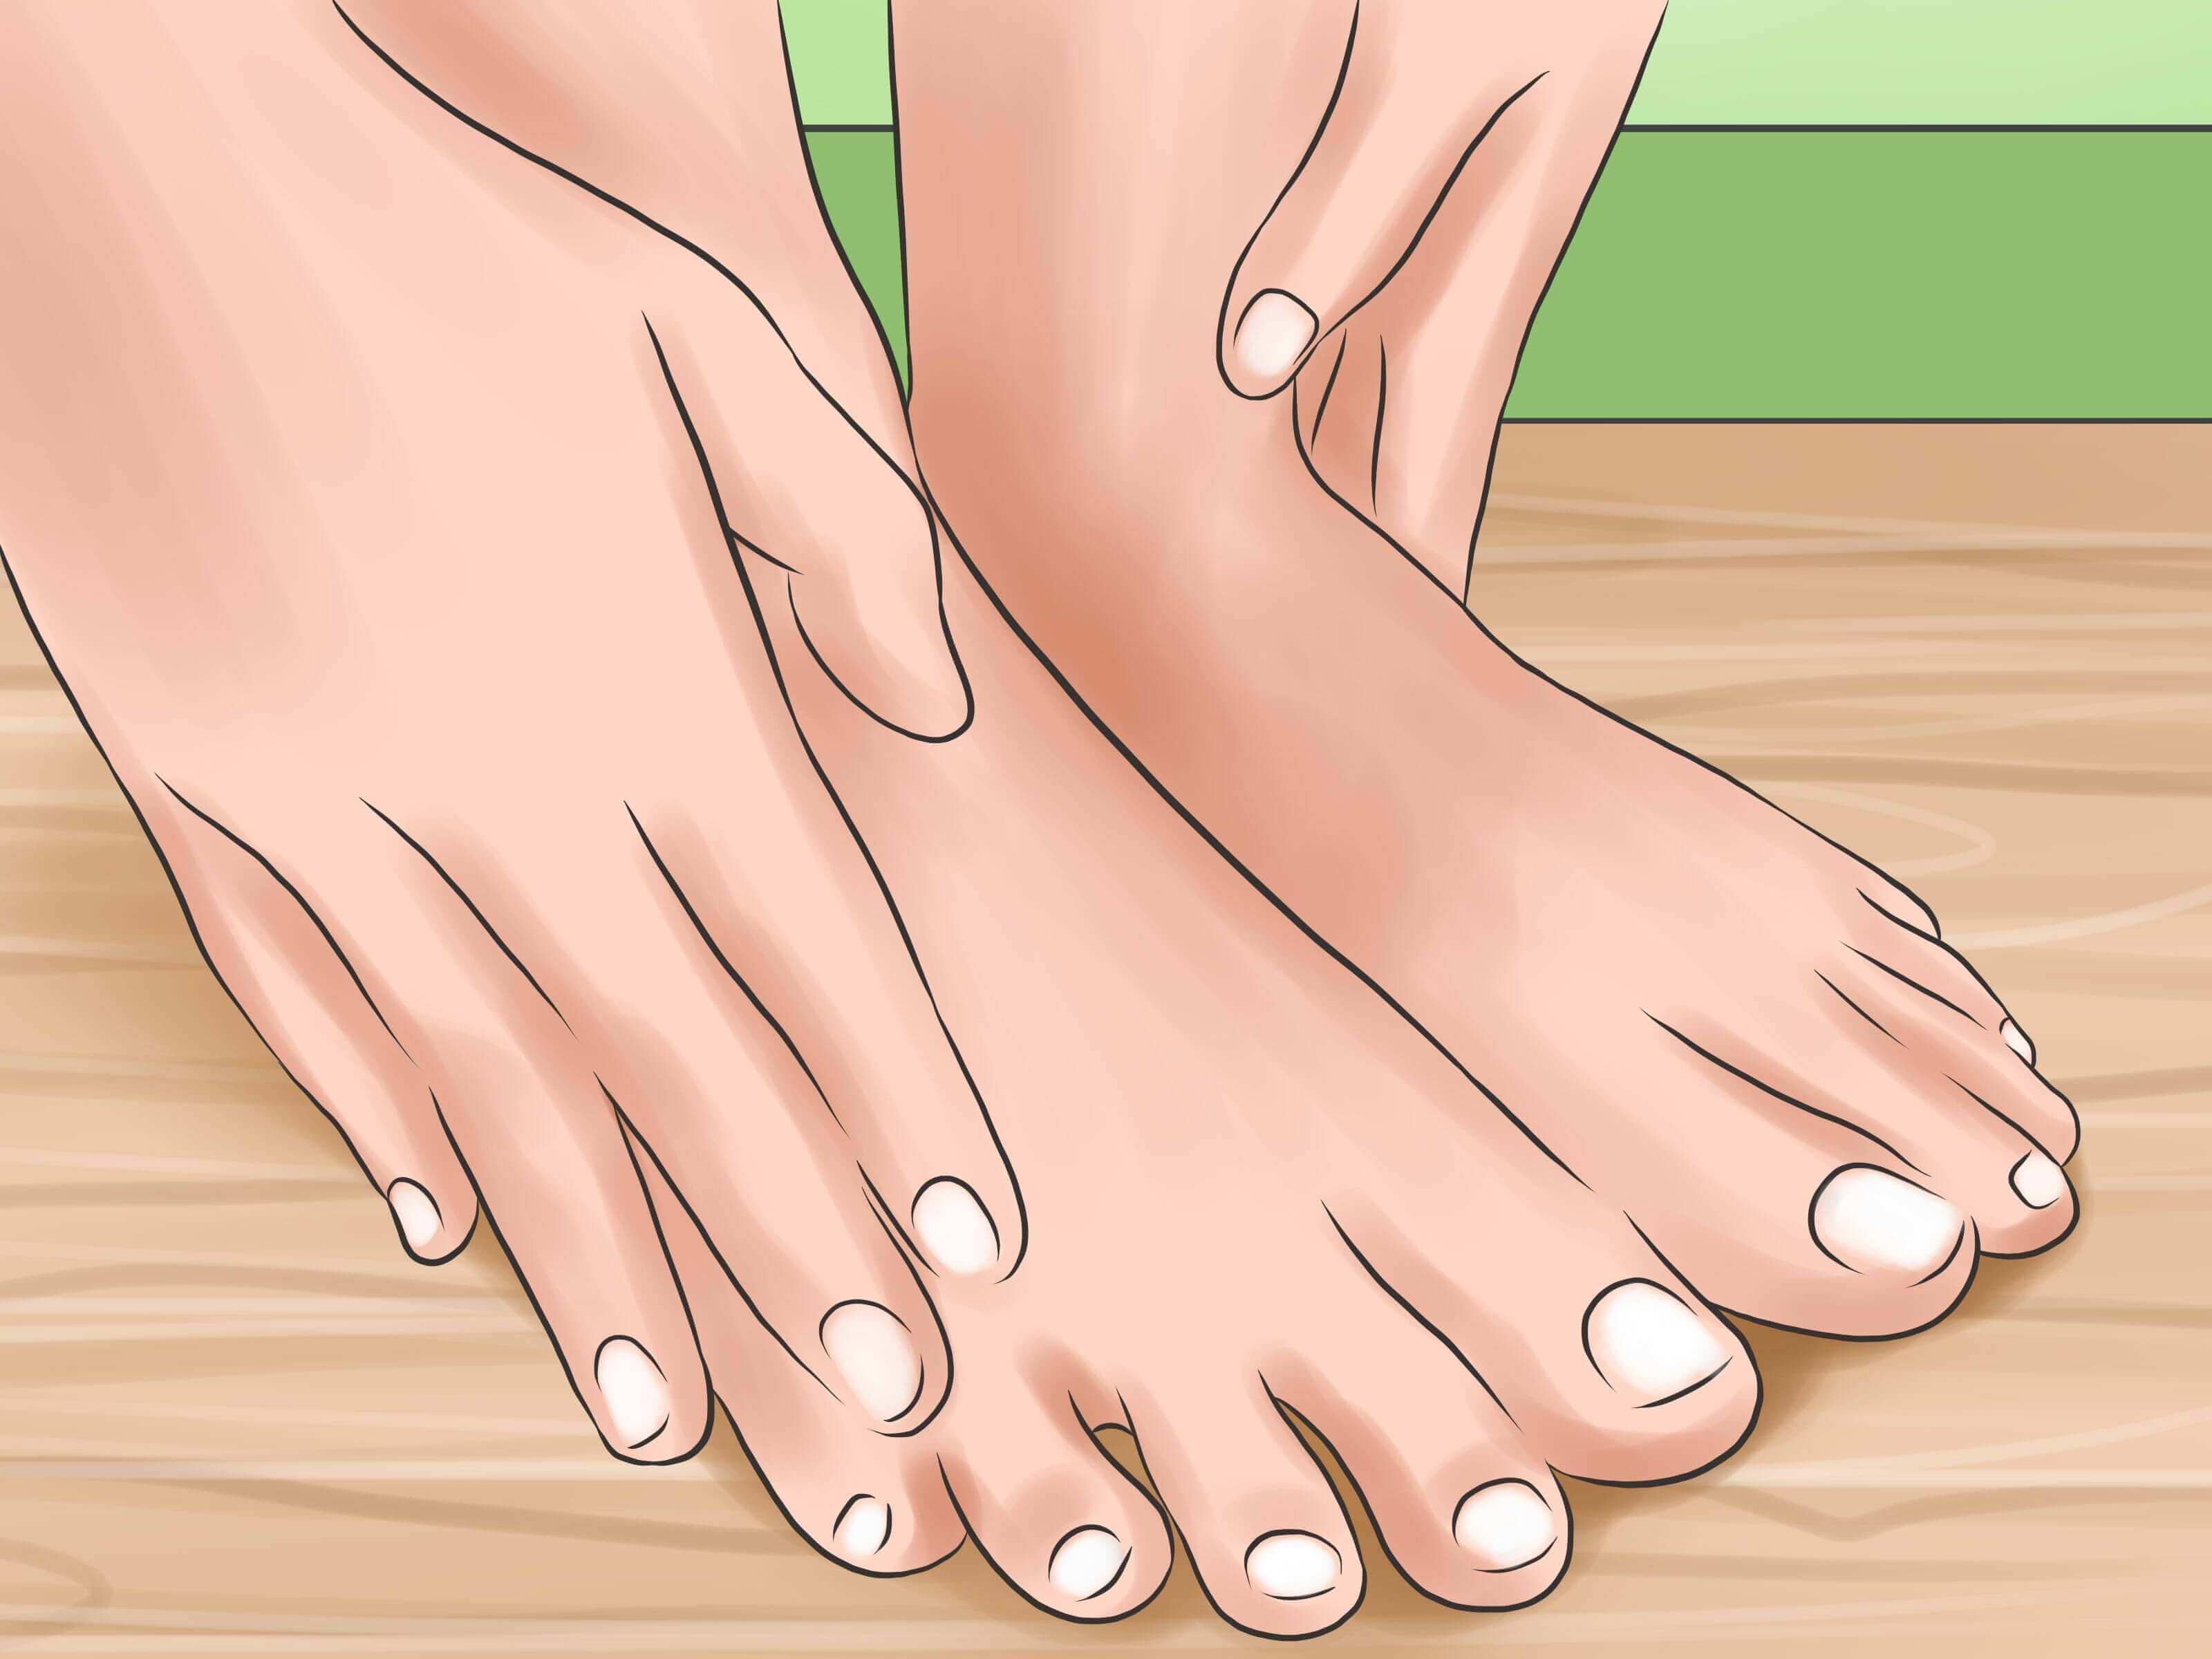 7 συμβουλές για τη φροντίδα των ποδιών ώστε να είναι άψογα